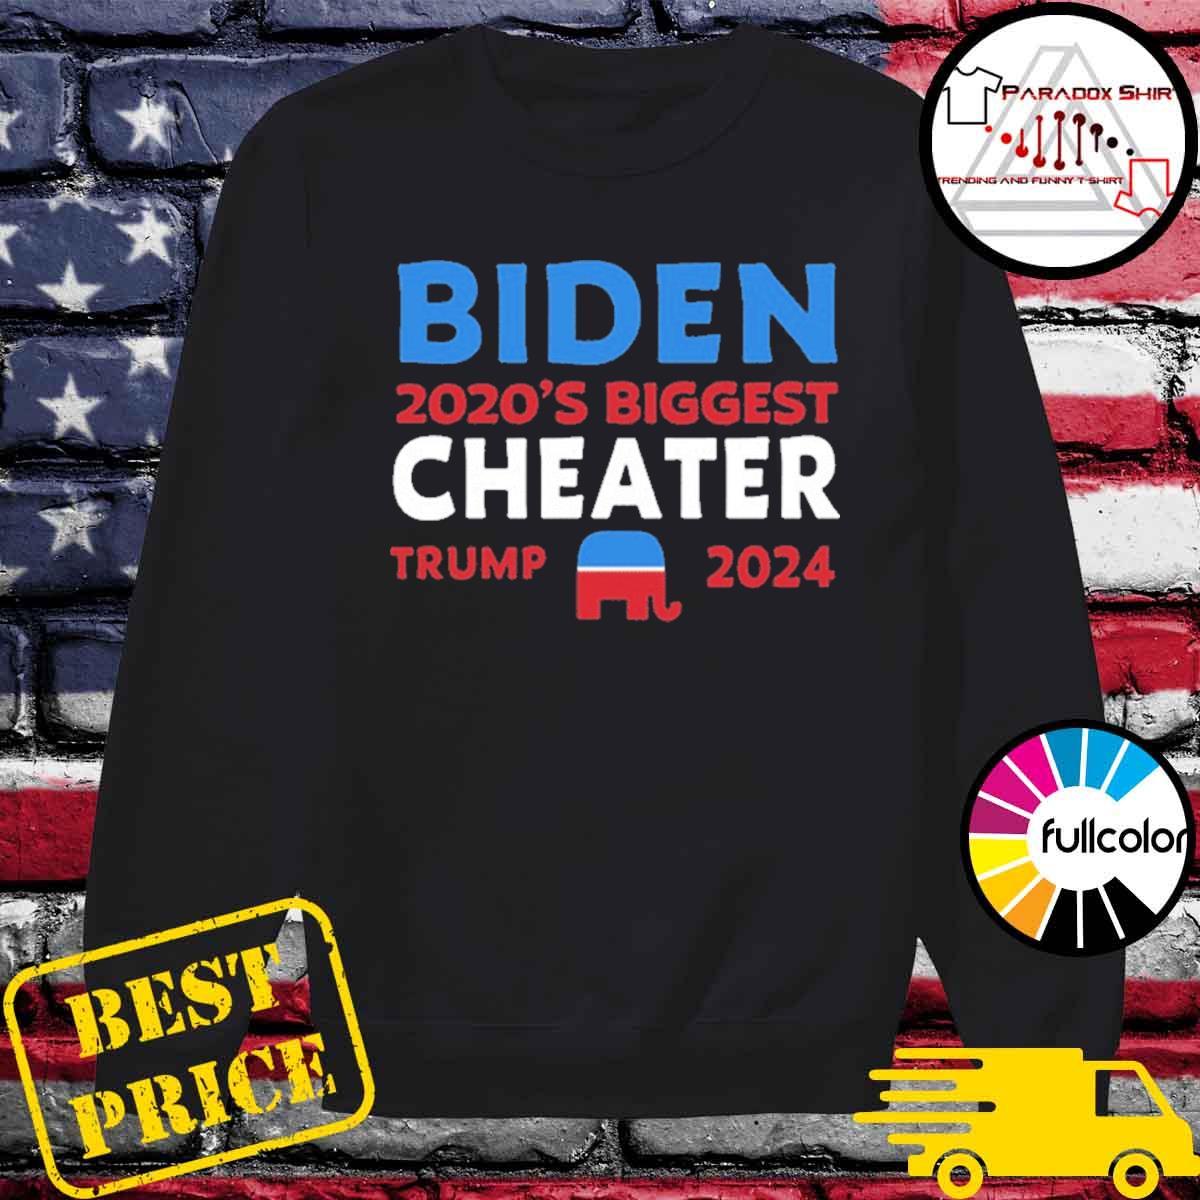 Biden 2020 Biggest Cheater Trump 2024 Official T-Shirt Sweater